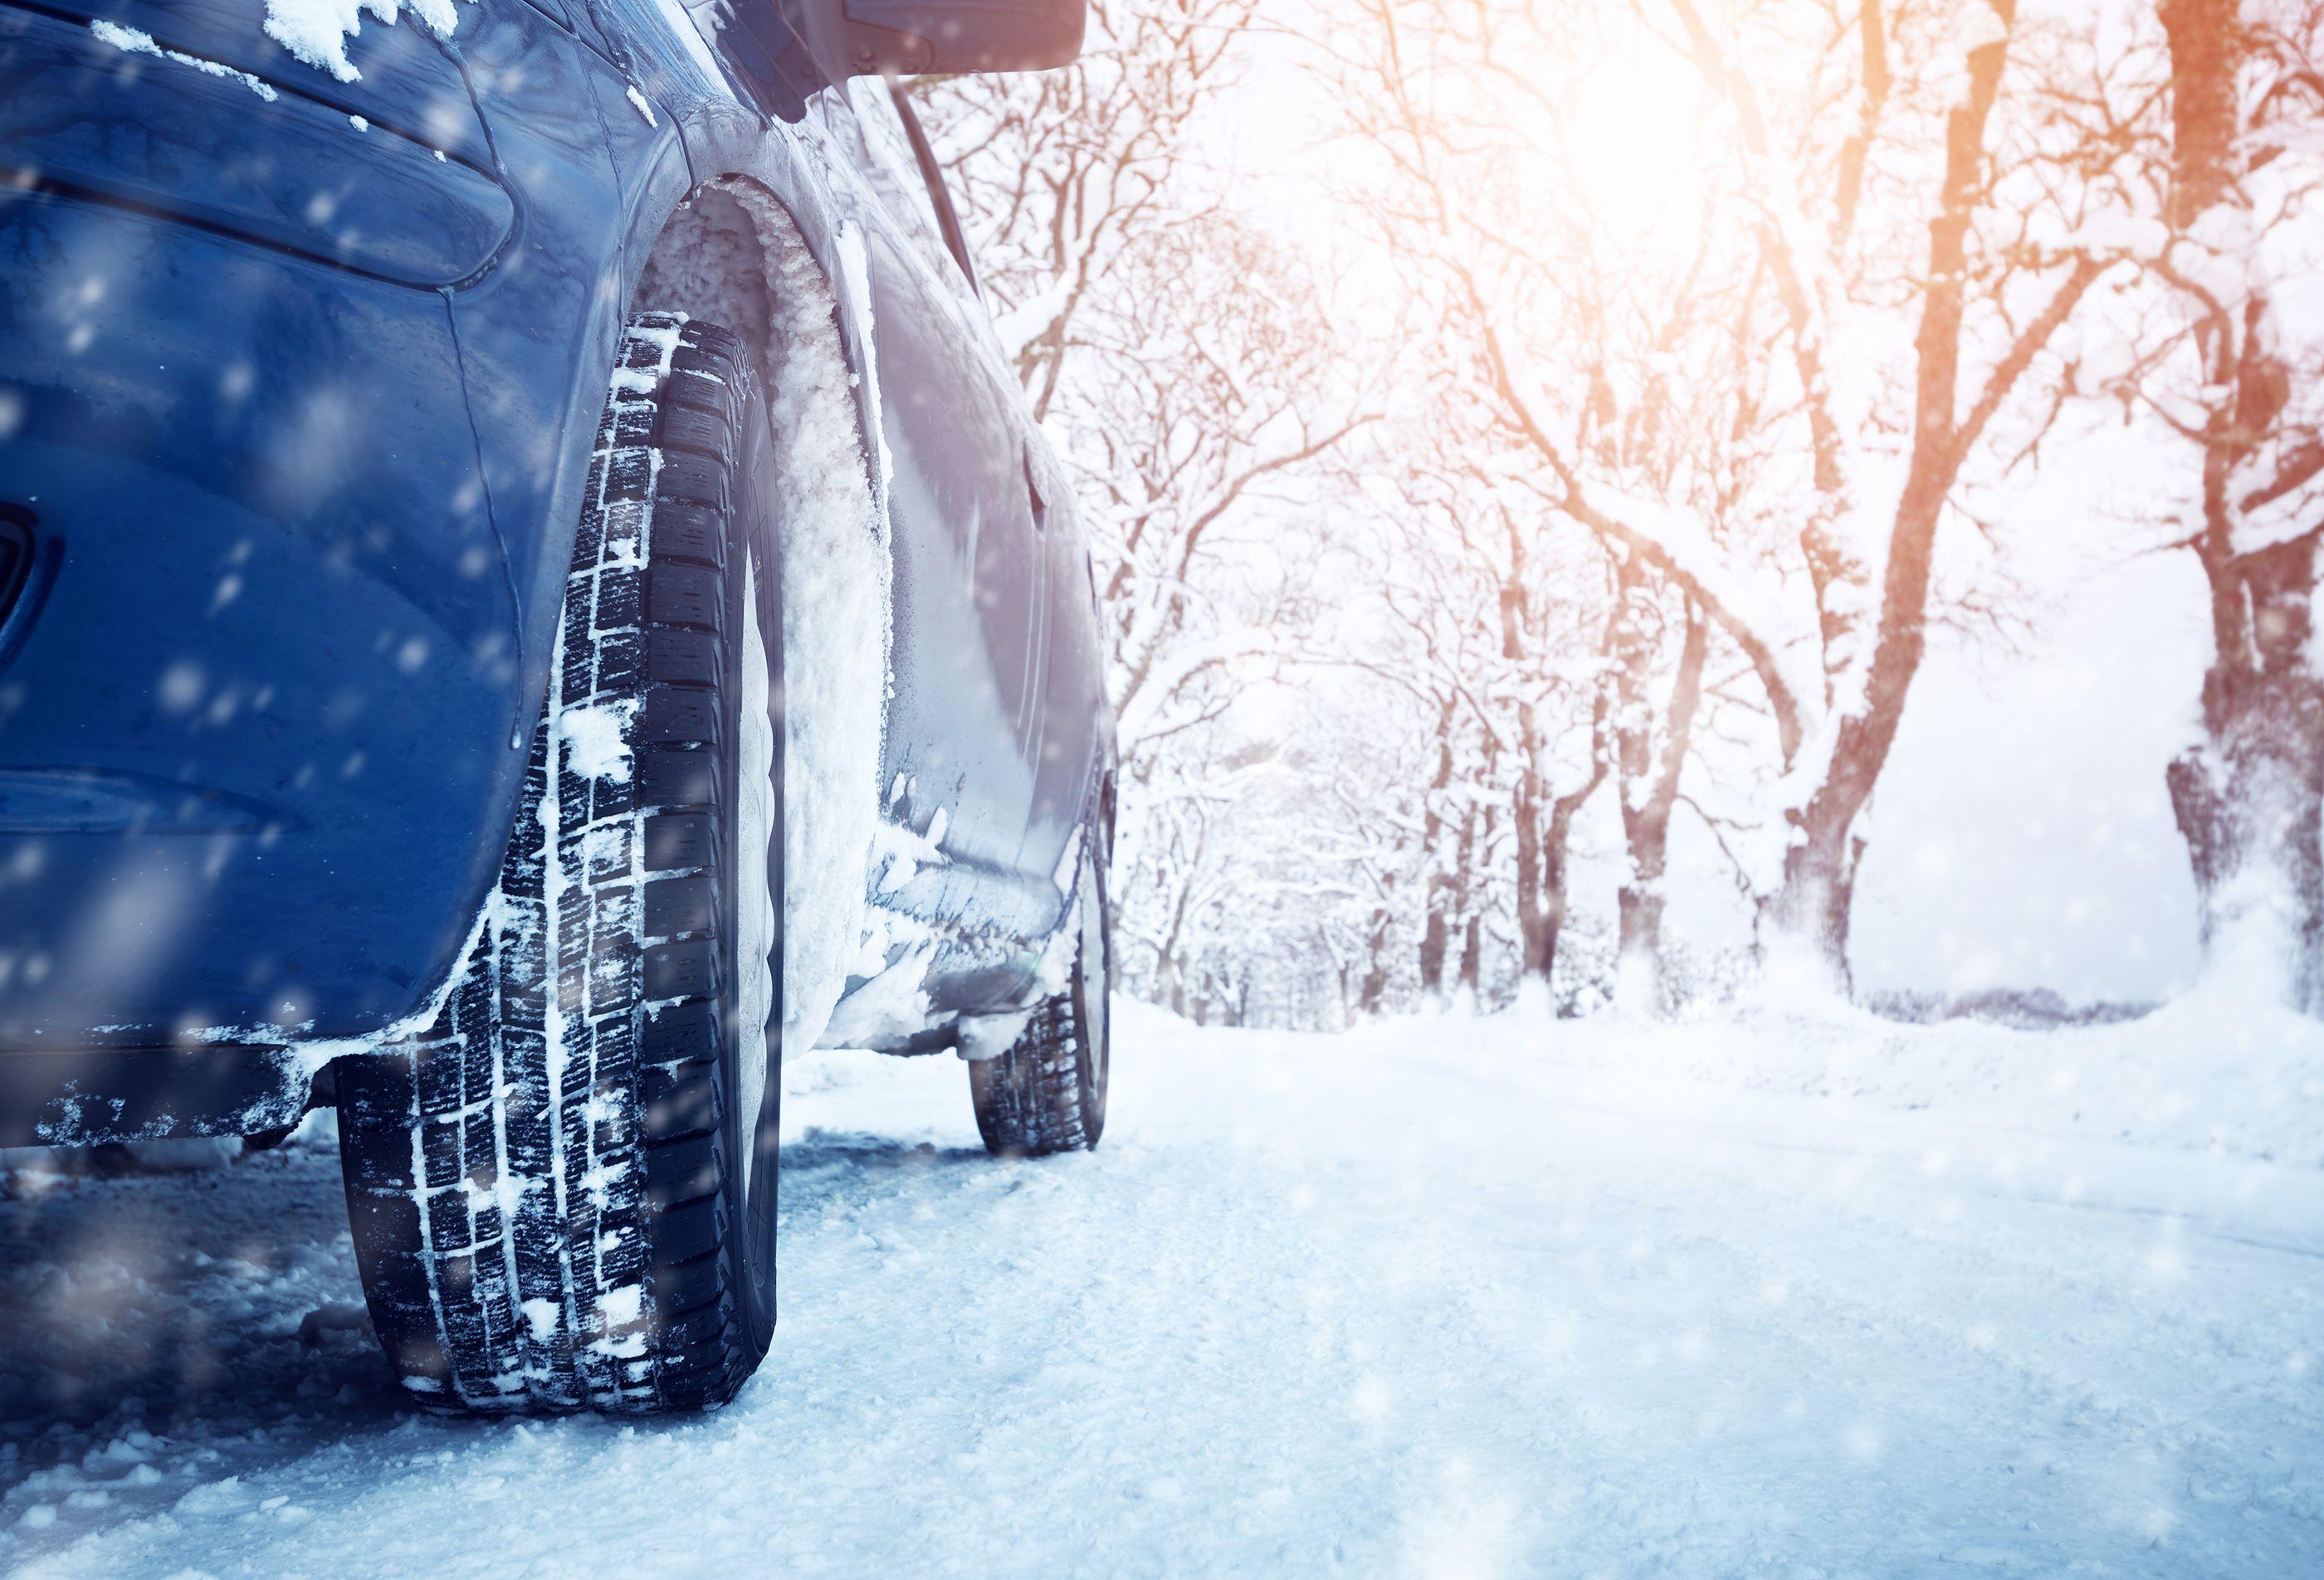 Car parked in winter, snowy scene